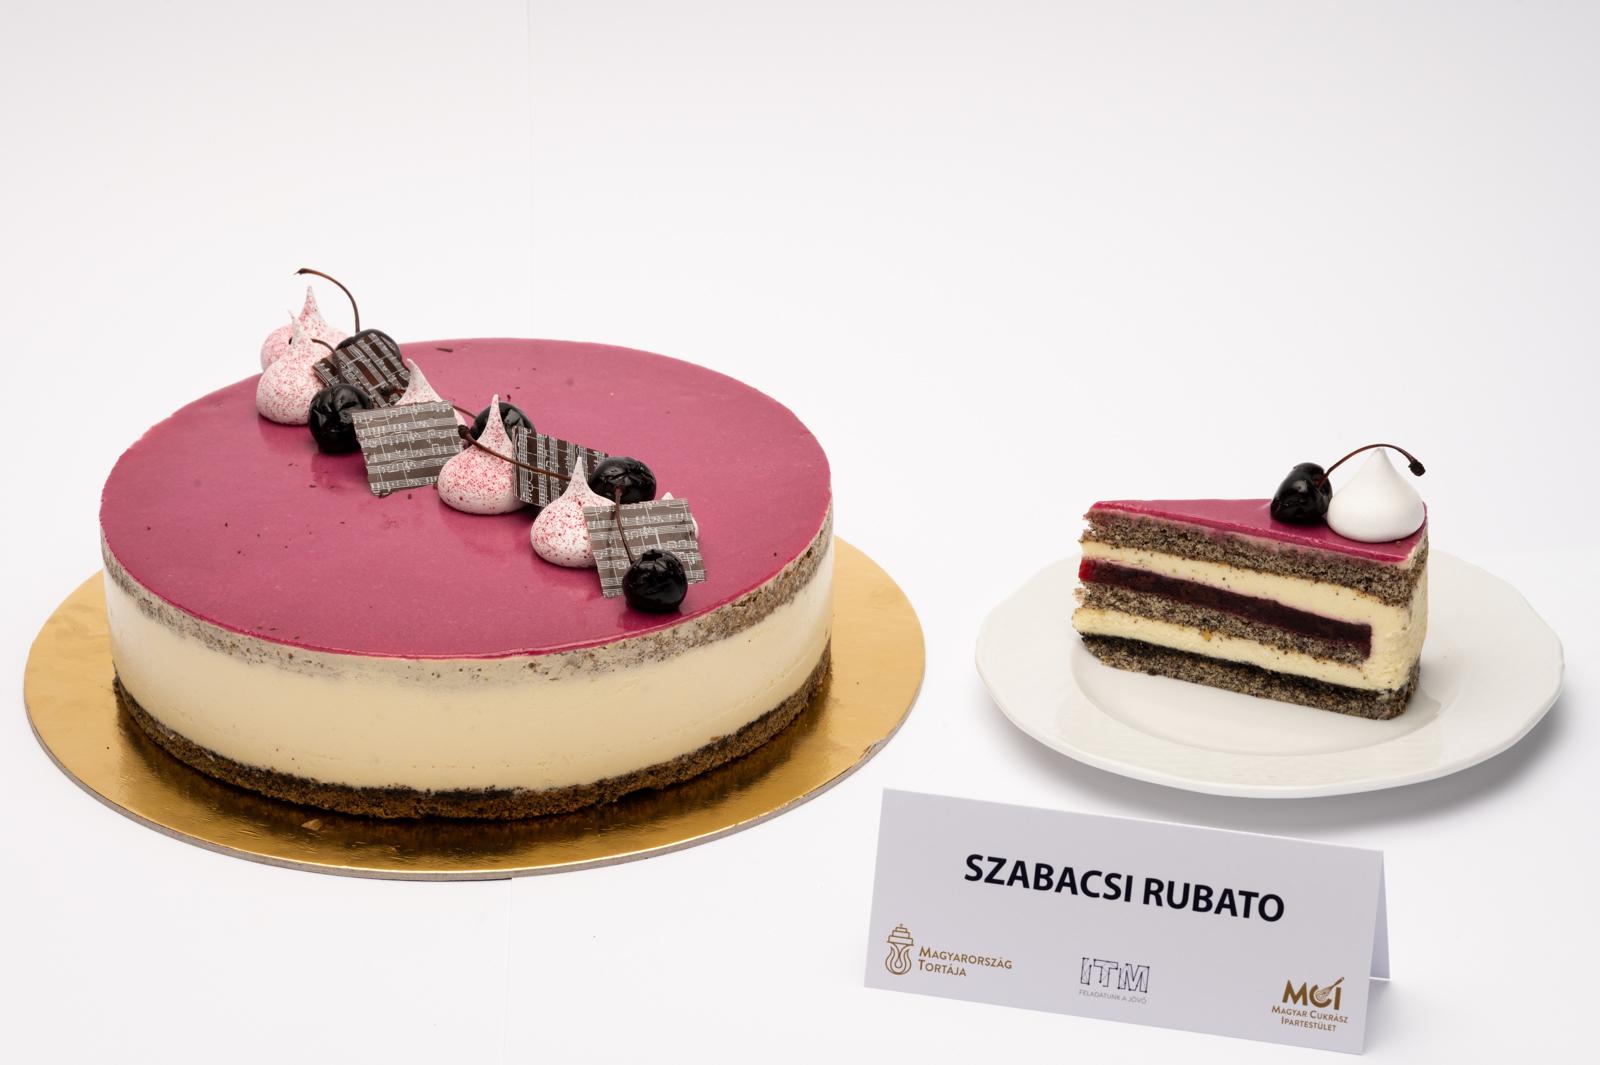 magyarorszag-tortaja-verseny-2021-jelolt.jpg